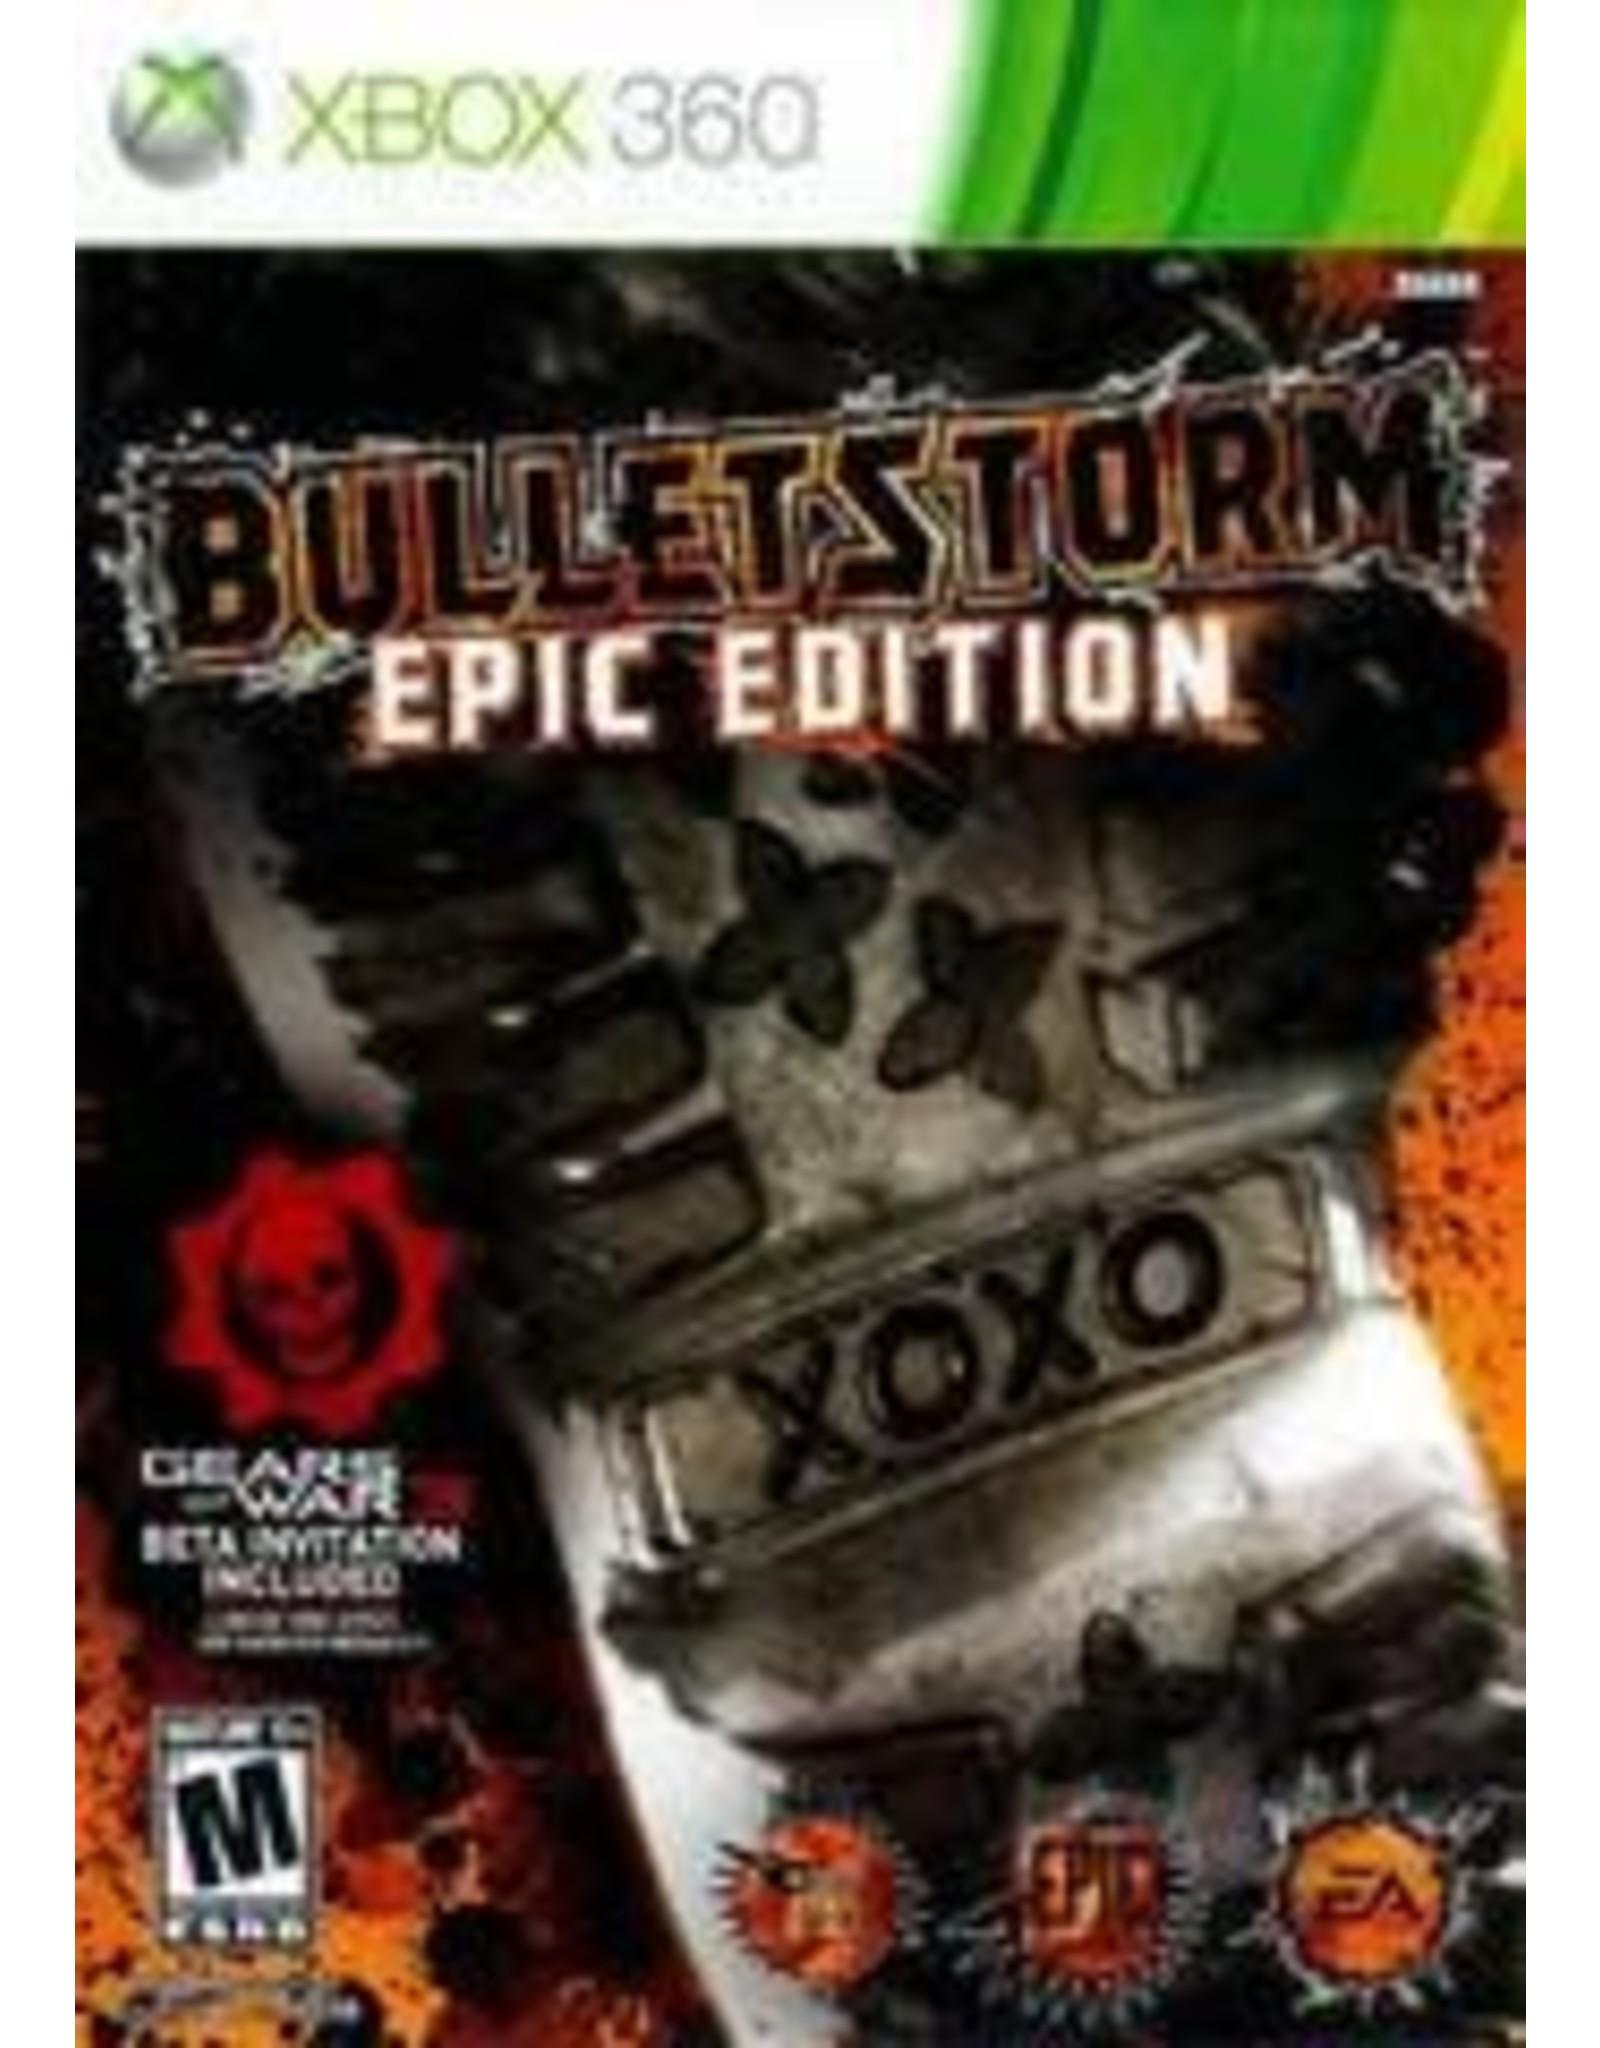 Xbox 360 Bulletstorm Epic Edition (CiB, No DLC)